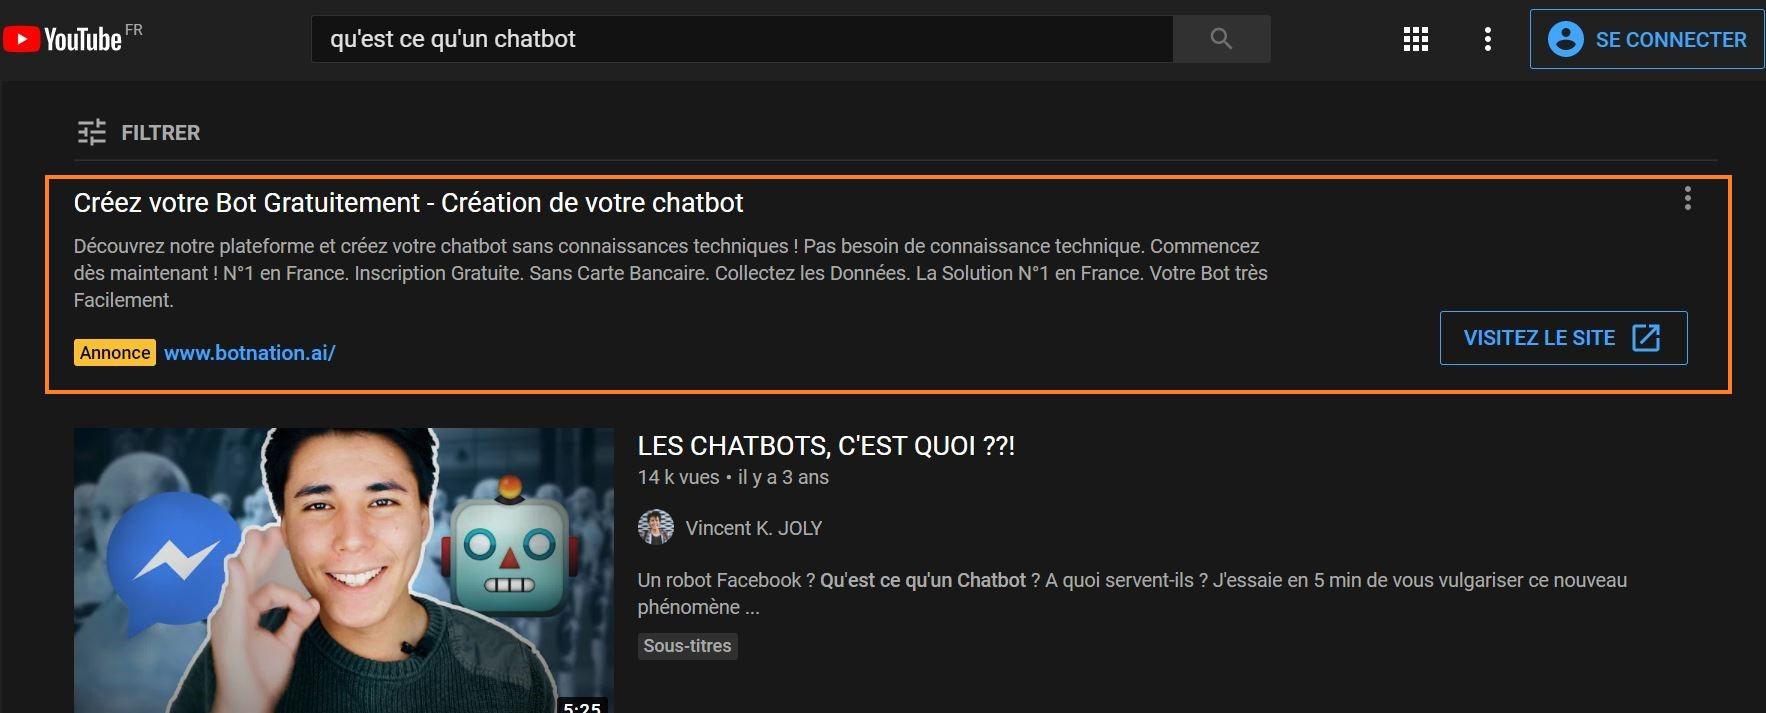 exemple de publicité YouTube insearch